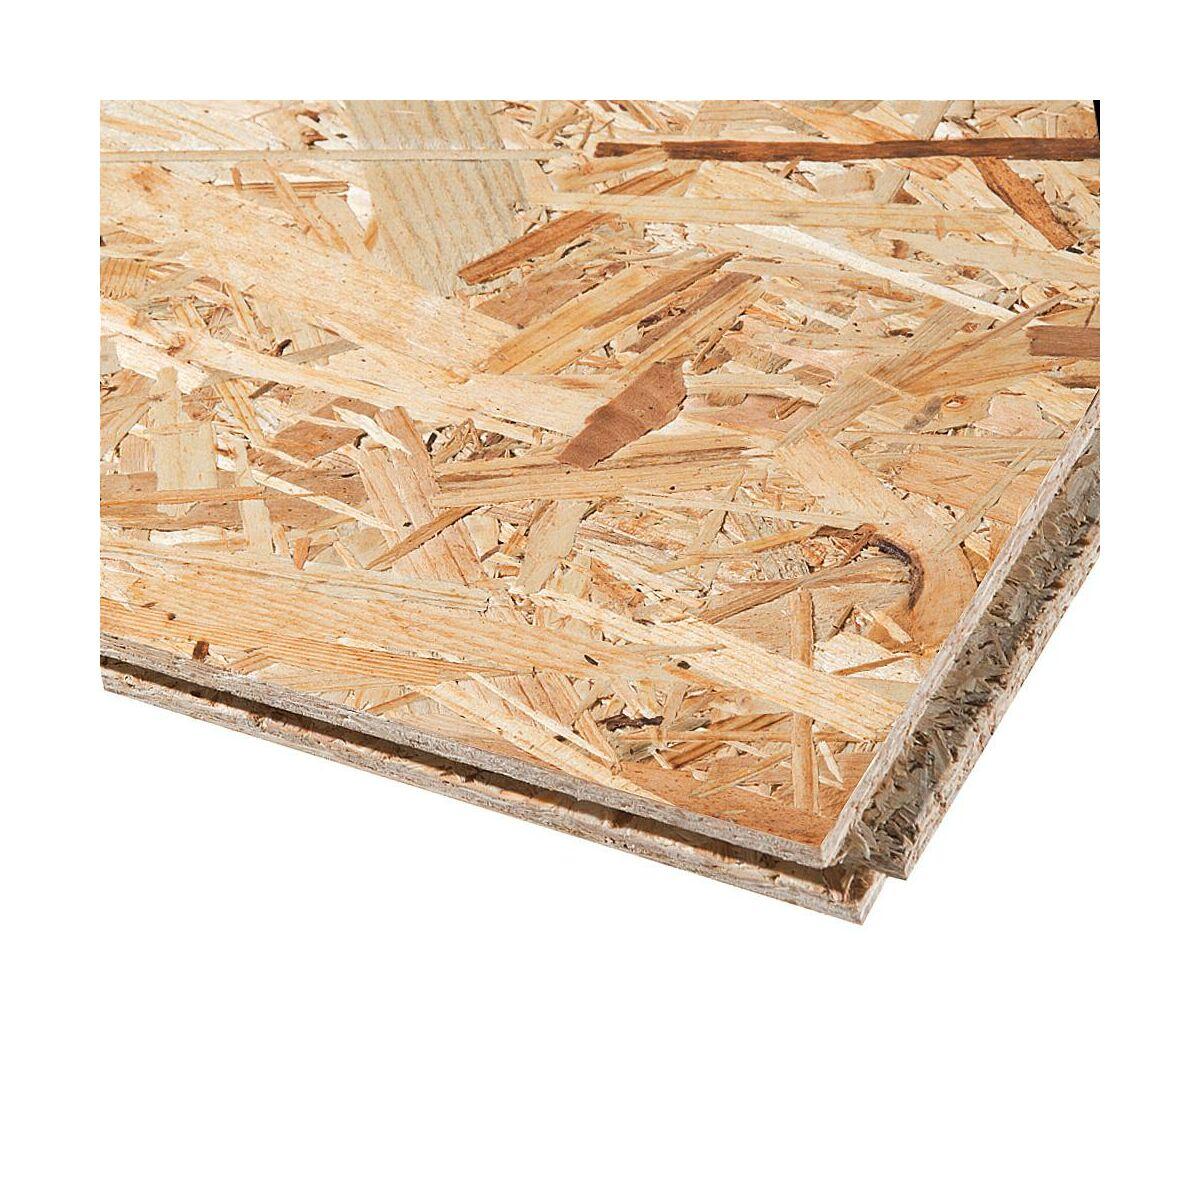 p yta wyko czeniowa osb 3 4 stronnie frezowana eurostrand sprawd opinie w leroy merlin. Black Bedroom Furniture Sets. Home Design Ideas